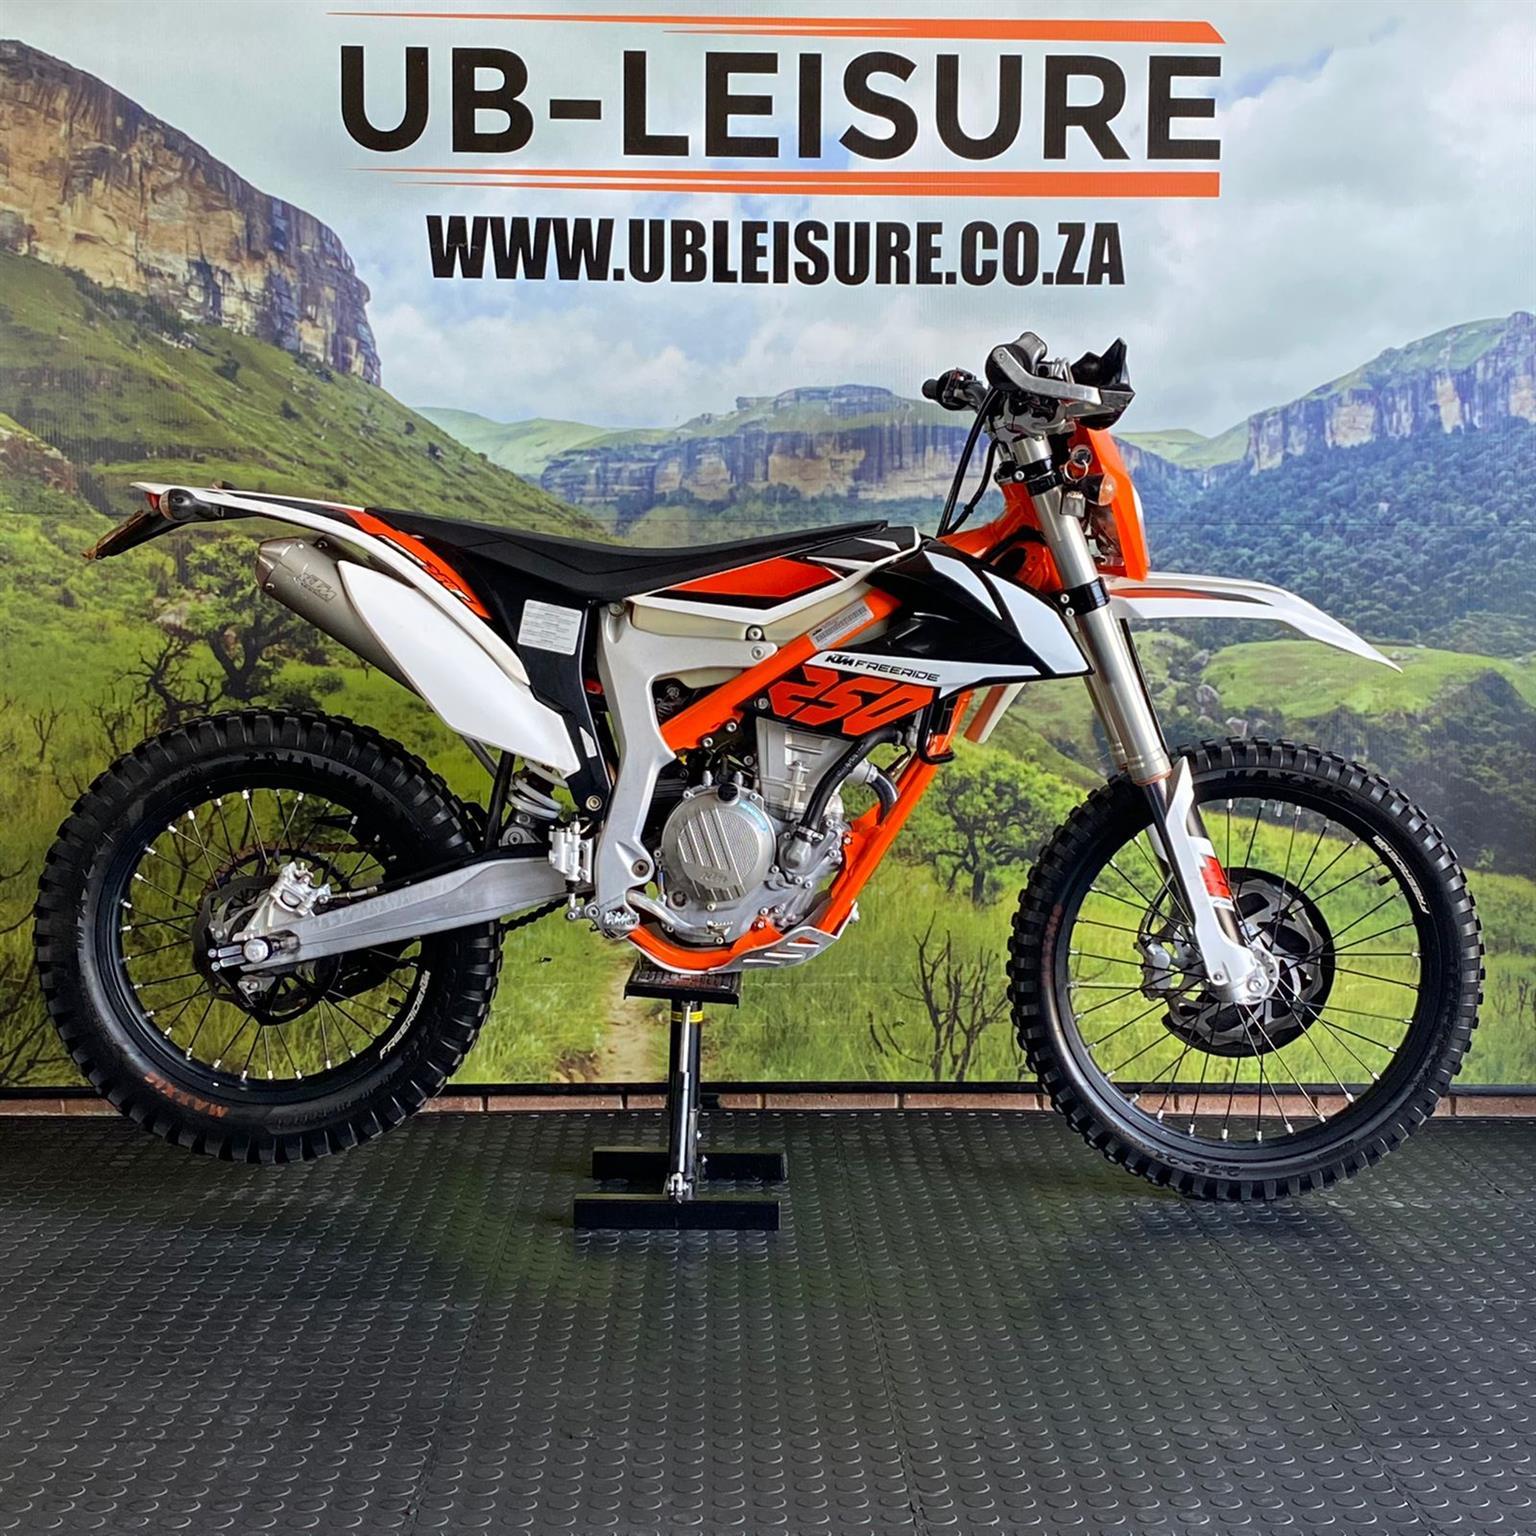 2019 KTM 250 FREERIDE | UB LEISURE